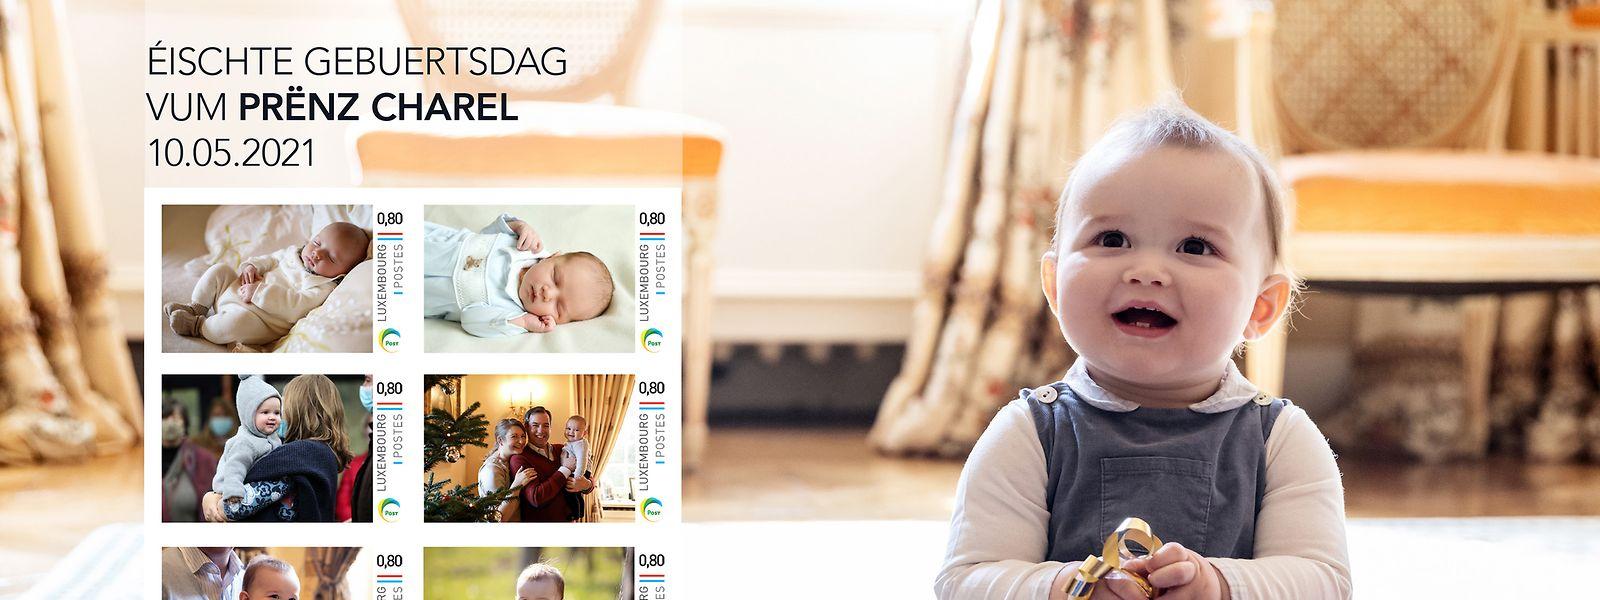 Das erste Lebensjahr für die Ewigkeit festgehalten - Prinz Charles erhält zum Geburtstag eine Serie von Sondermarken der Post.